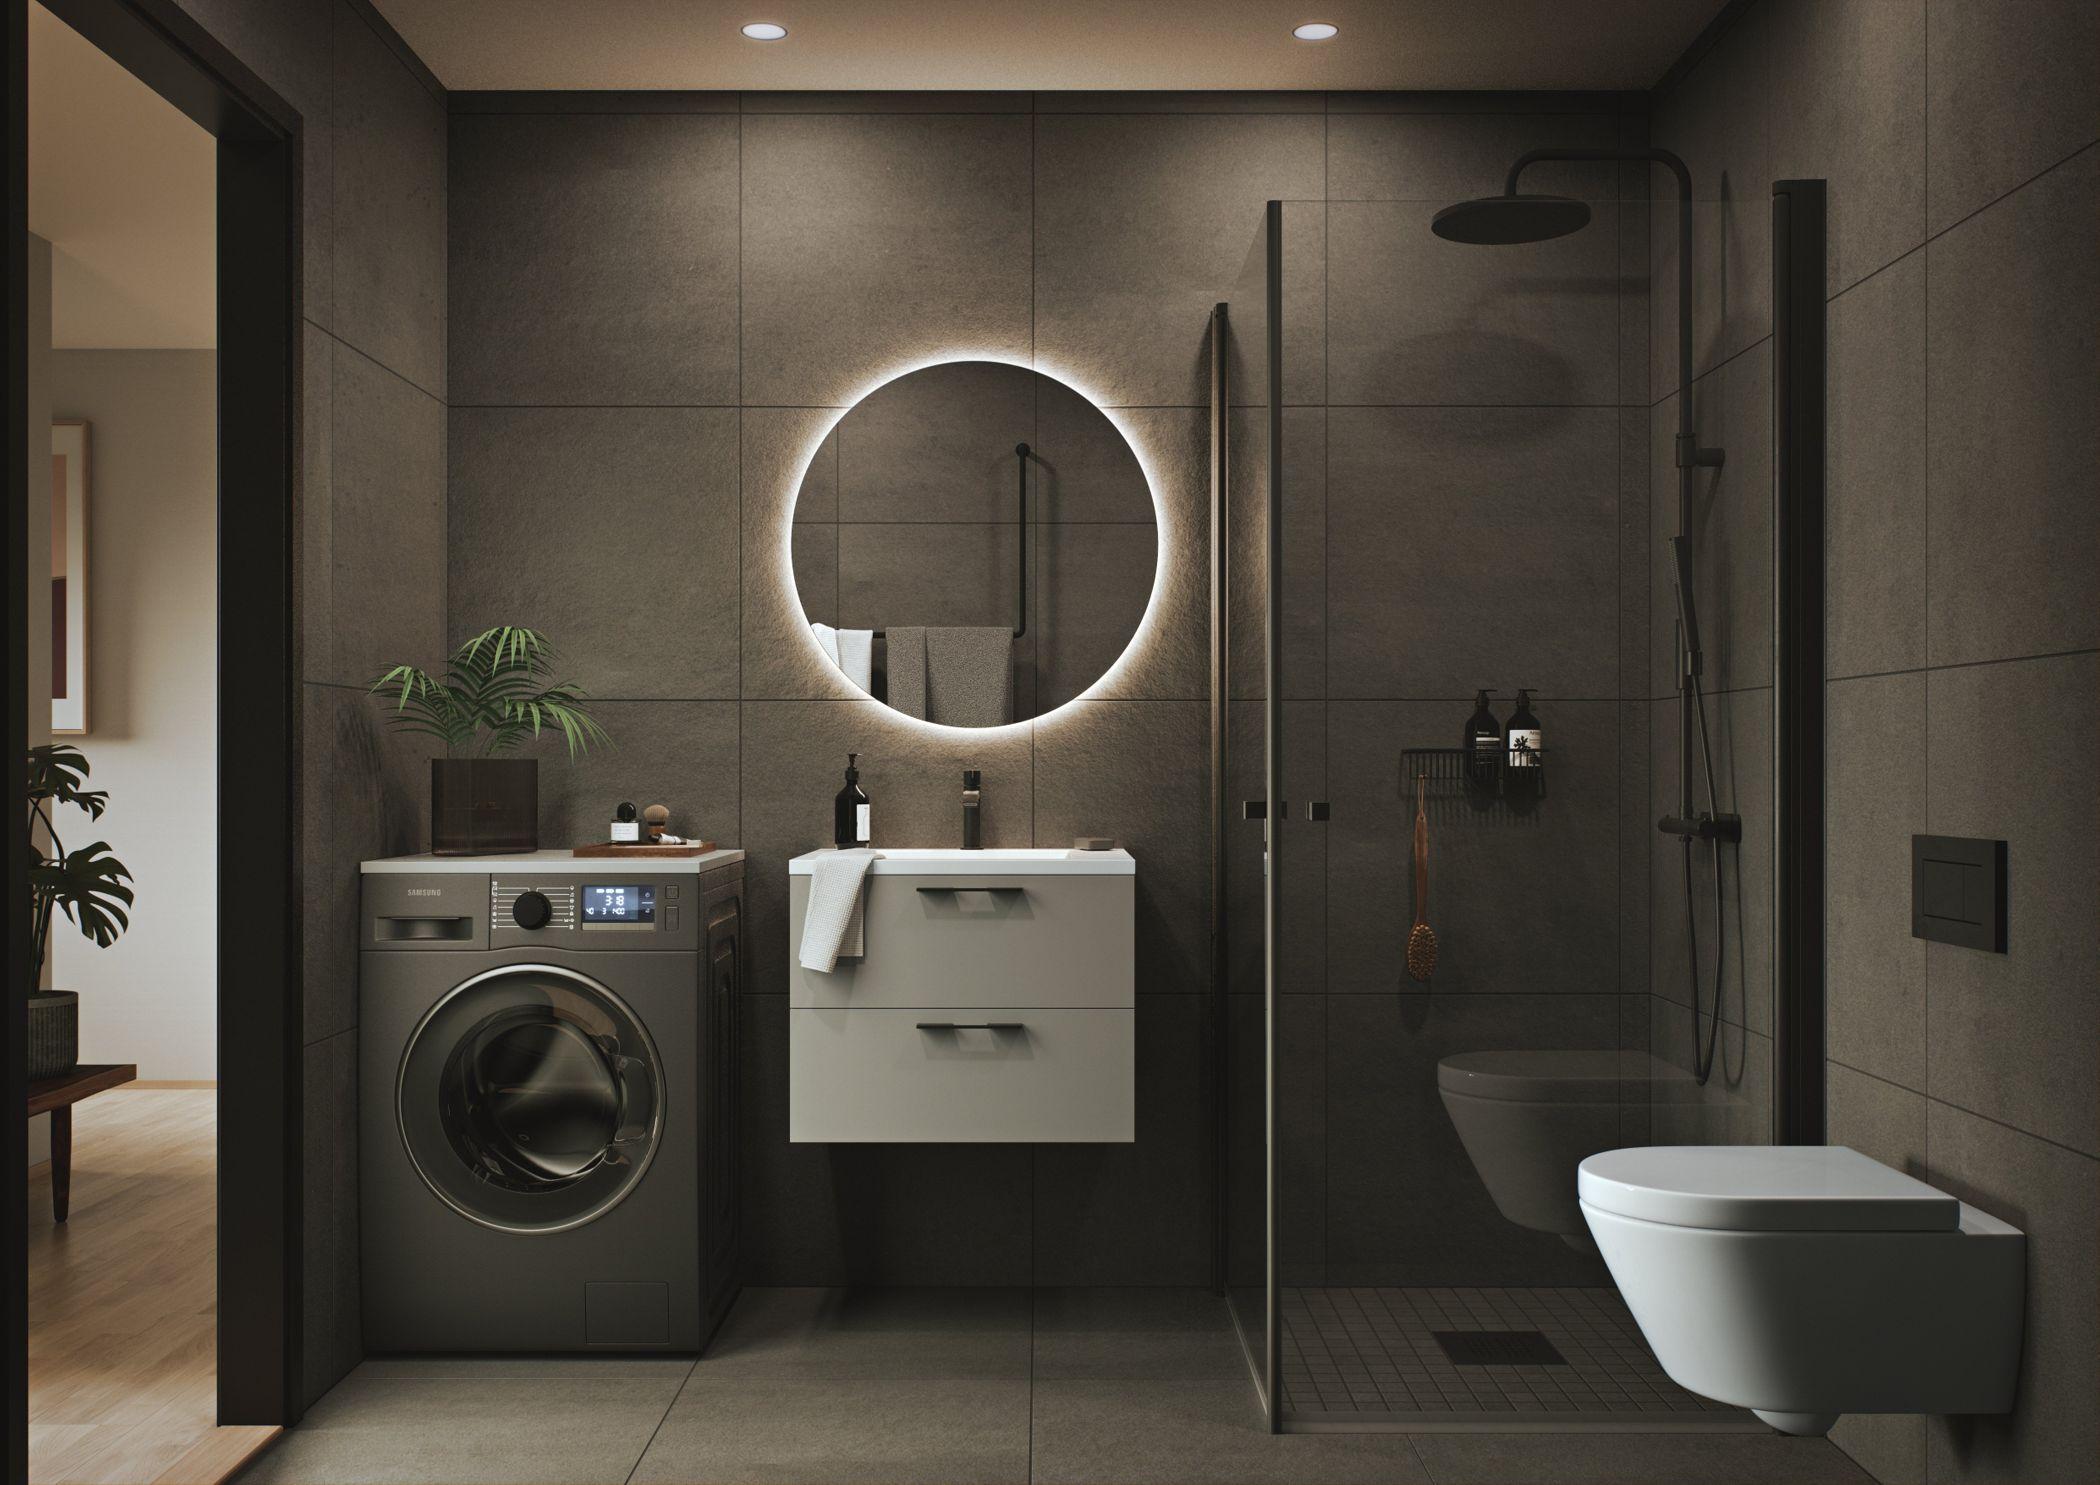 Arnljot_Gellines_vei_A1105_Bathroom.jpg